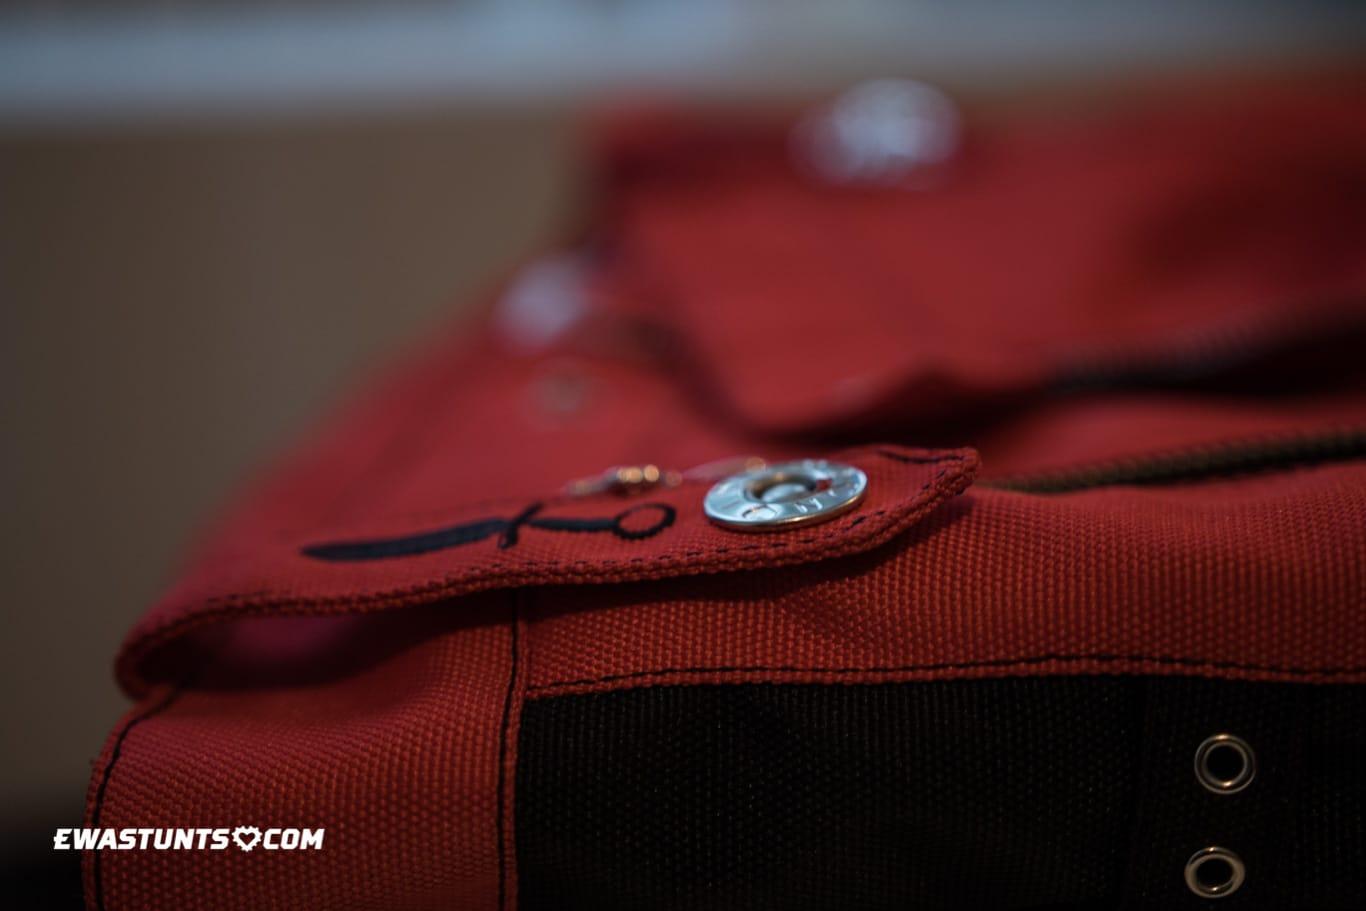 ewastunts_icon_jacket-7